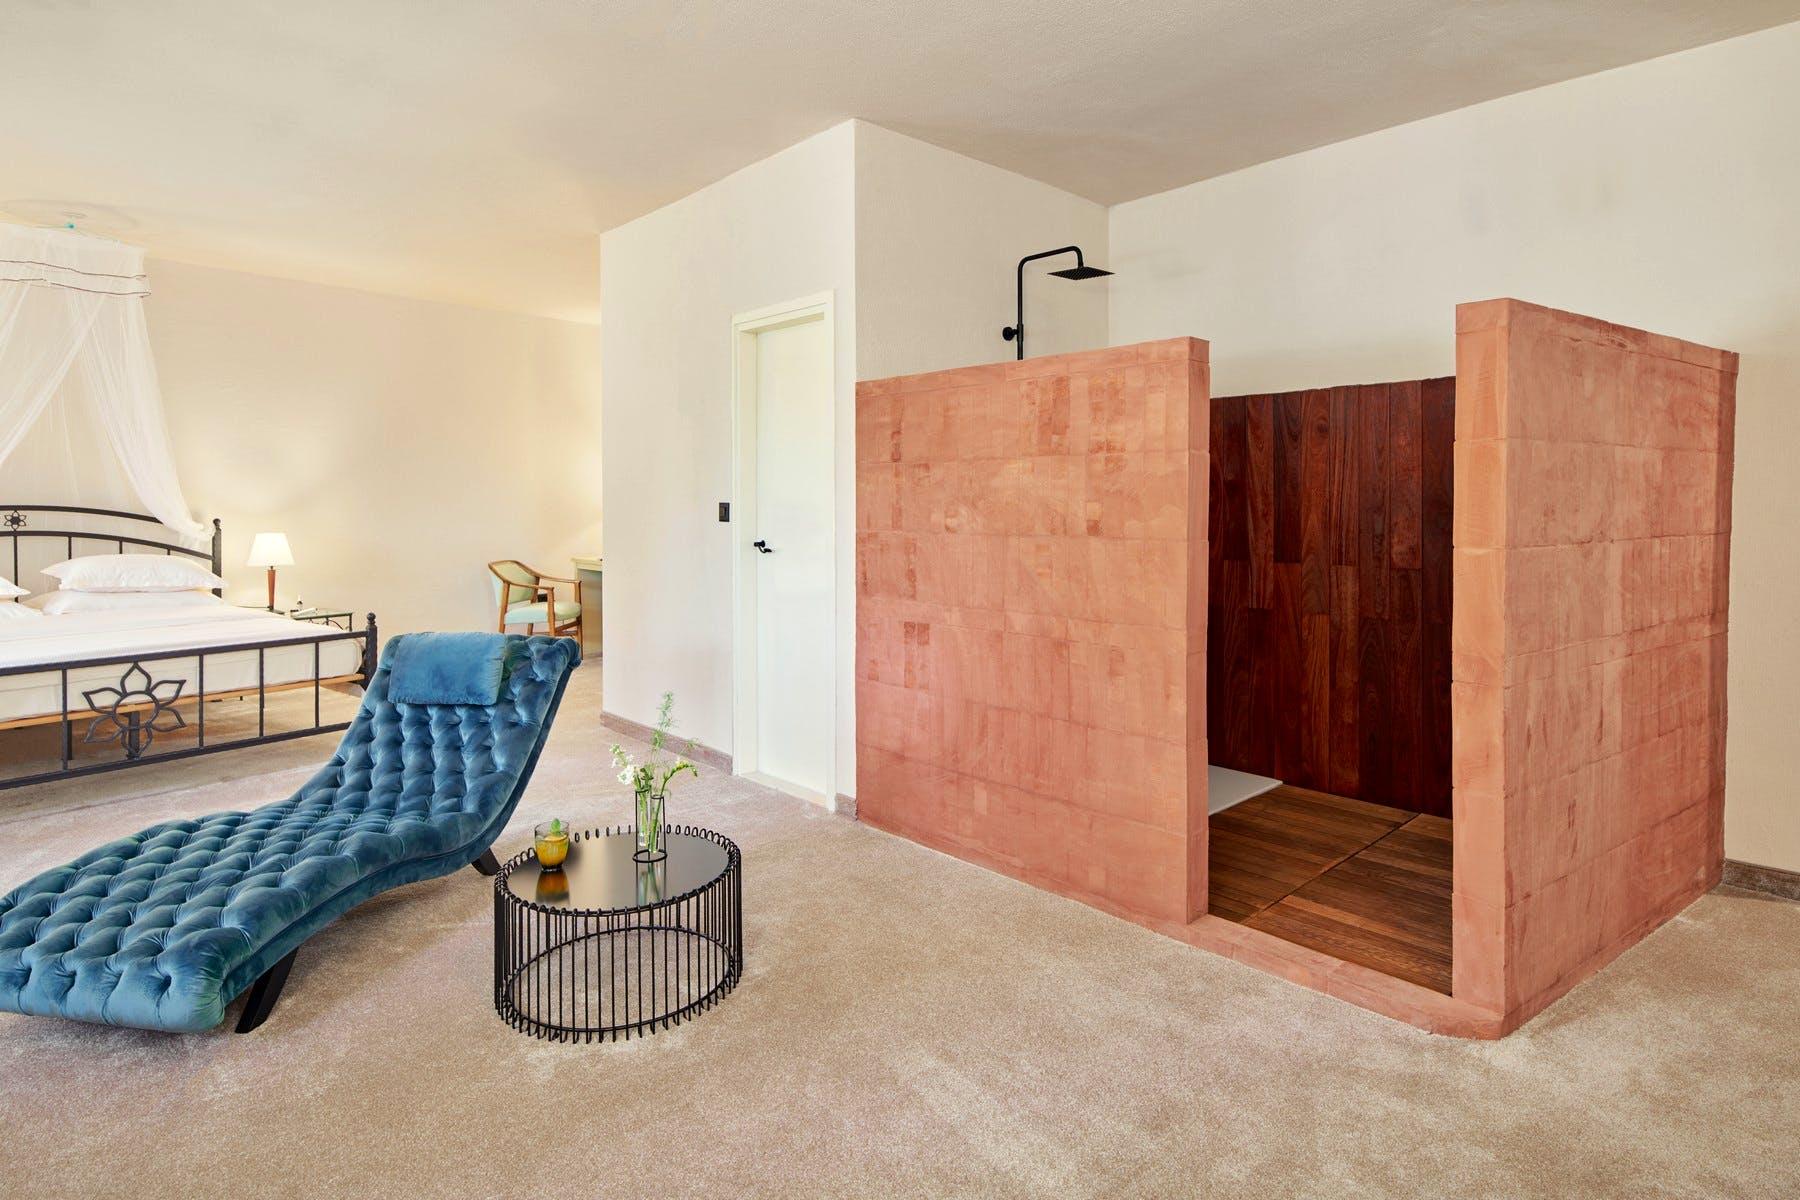 Luxury amenities in the bedroom